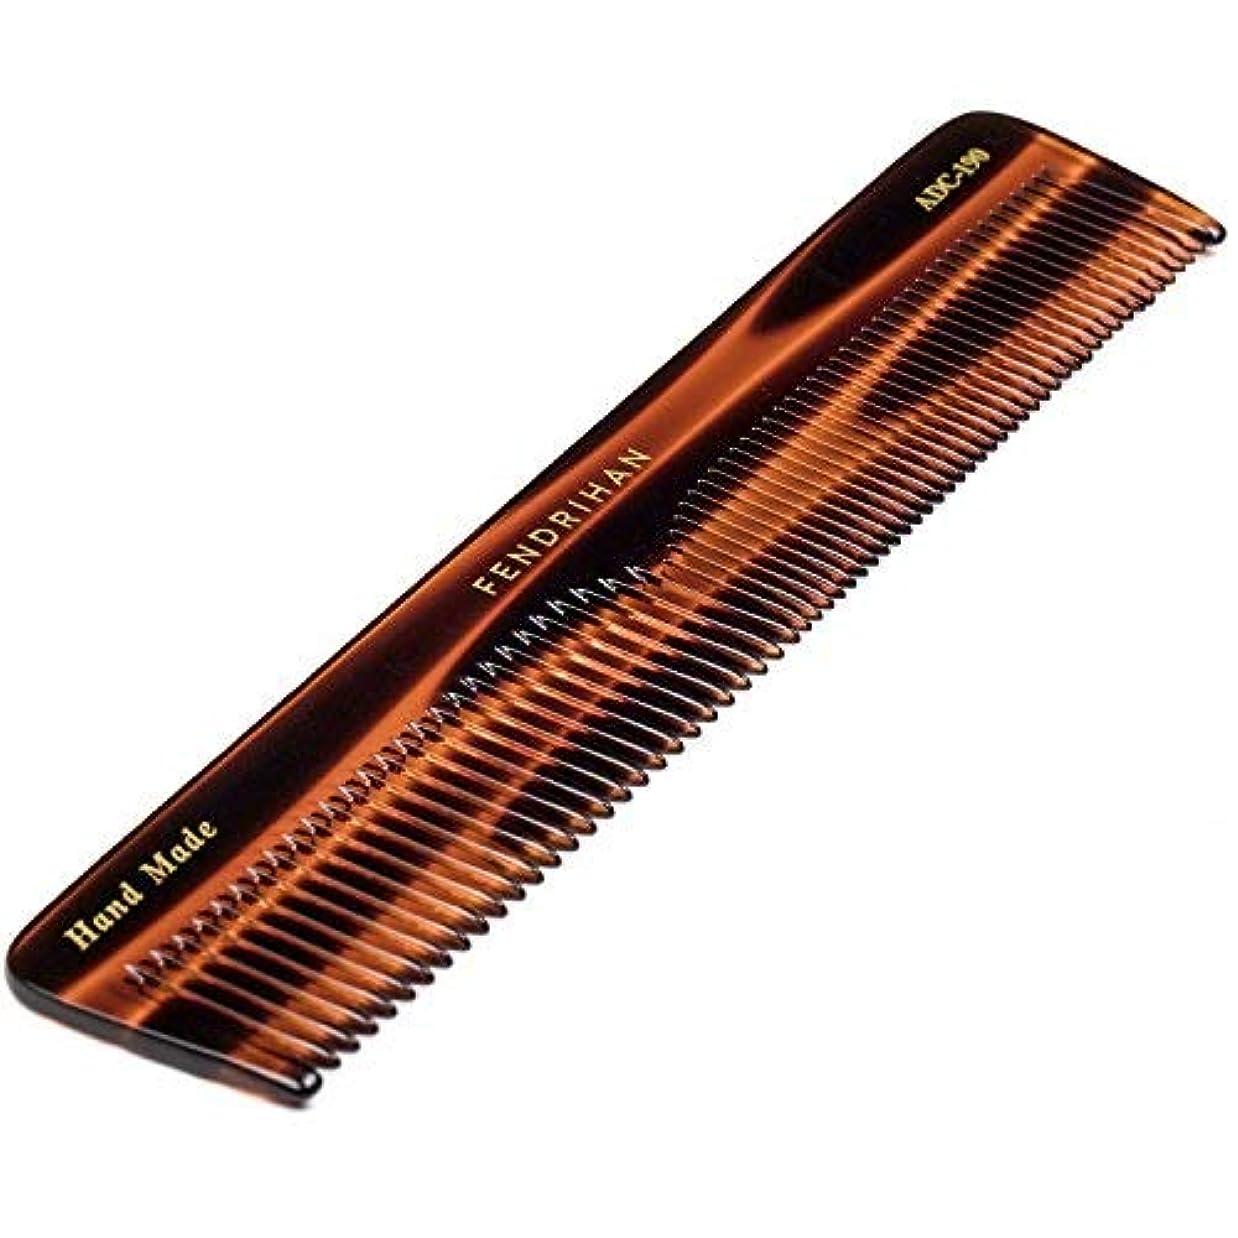 役に立たない可塑性ルーキーFendrihan Hand Finished Large Double Tooth Comb for Men, Faux Tortoise (7.3 Inches) [並行輸入品]